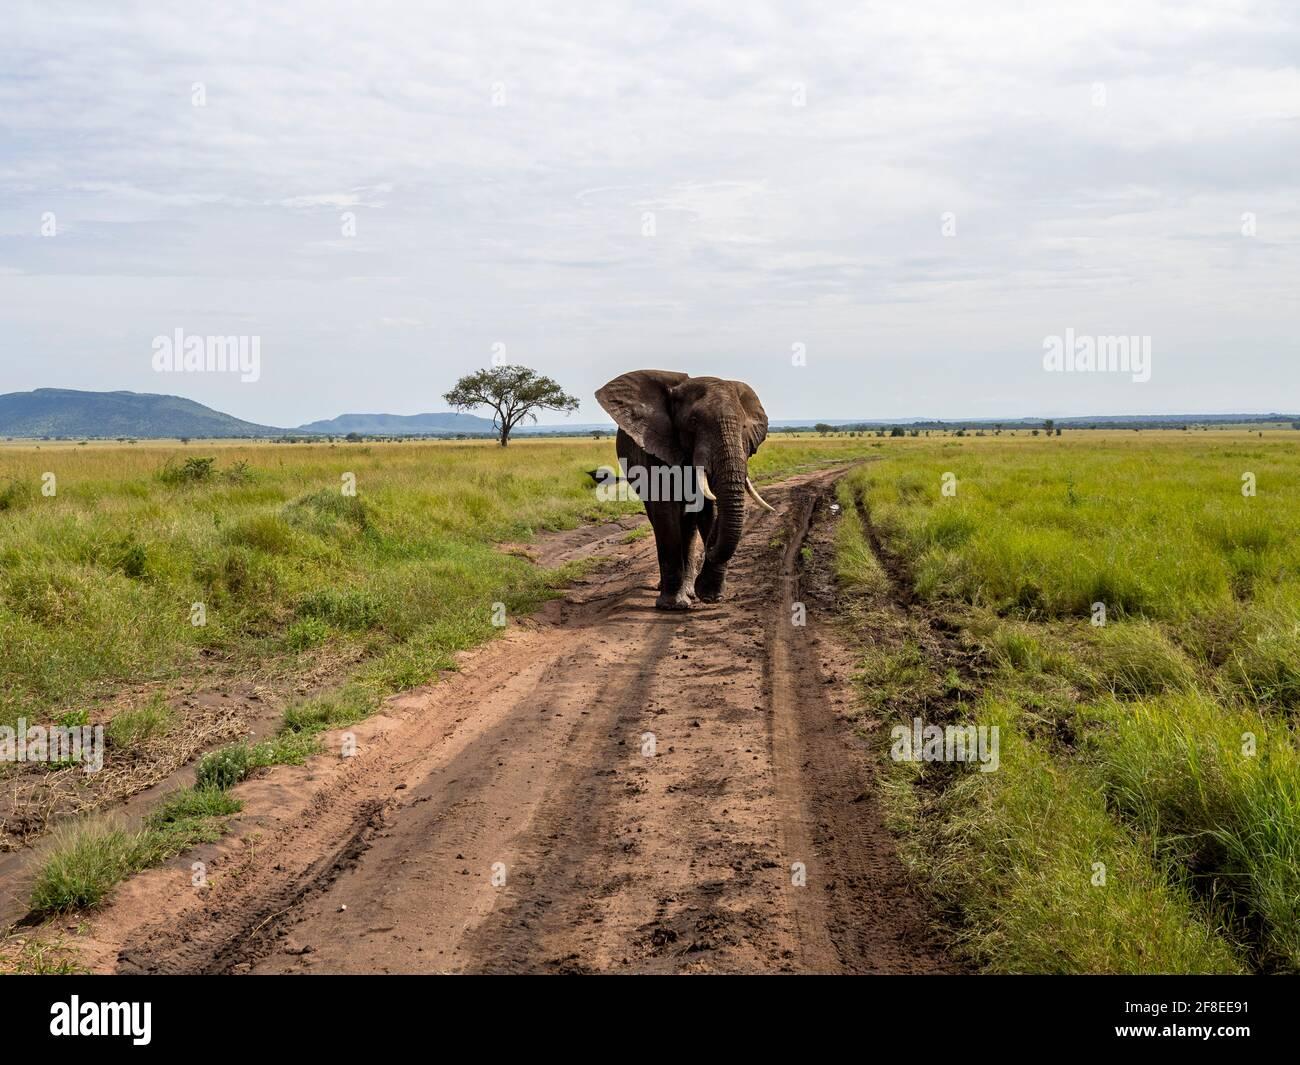 Parco Nazionale di Serengeti, Tanzania, Africa - 29 febbraio 2020: Elefante africano che cammina lungo il sentiero sterrato del Parco Nazionale di Serengeti Foto Stock